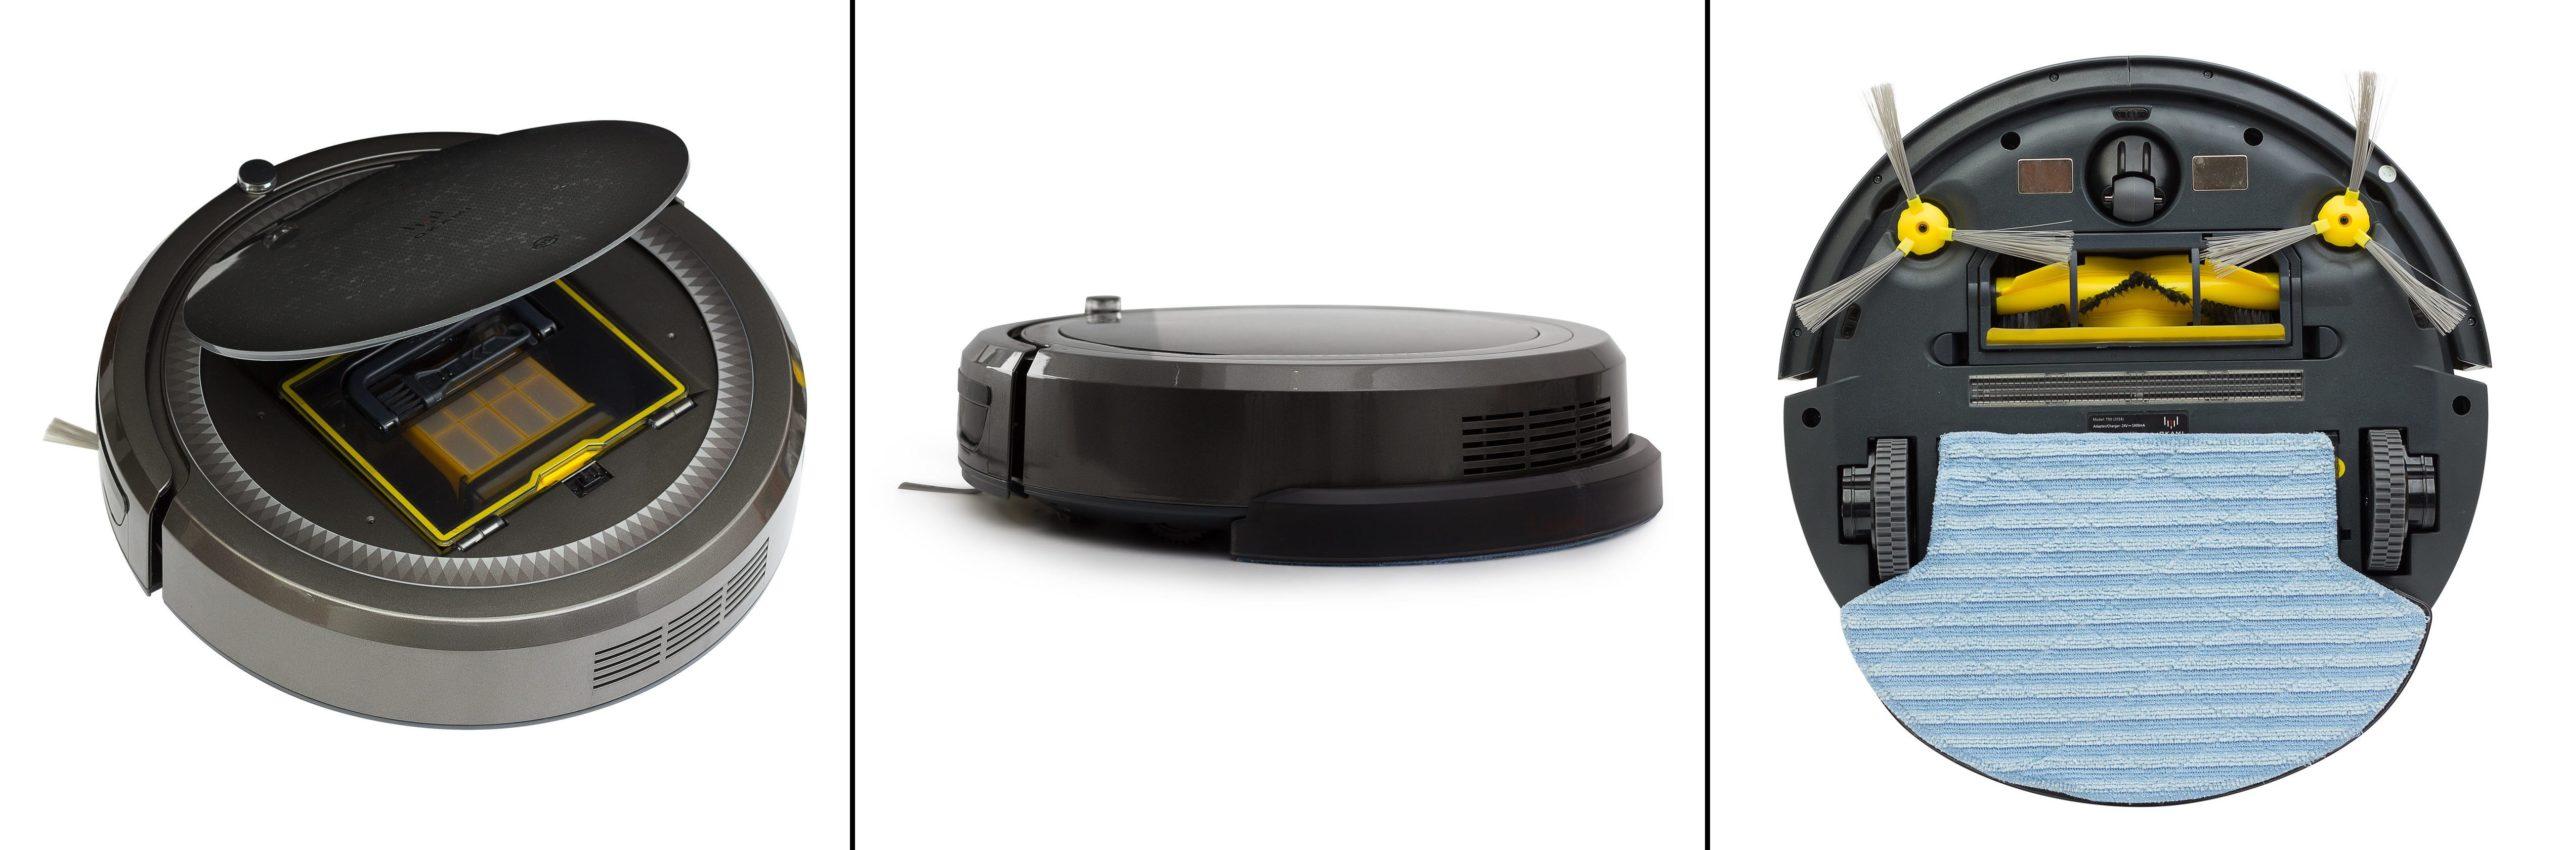 Робот пылесос okami t90 отзывы